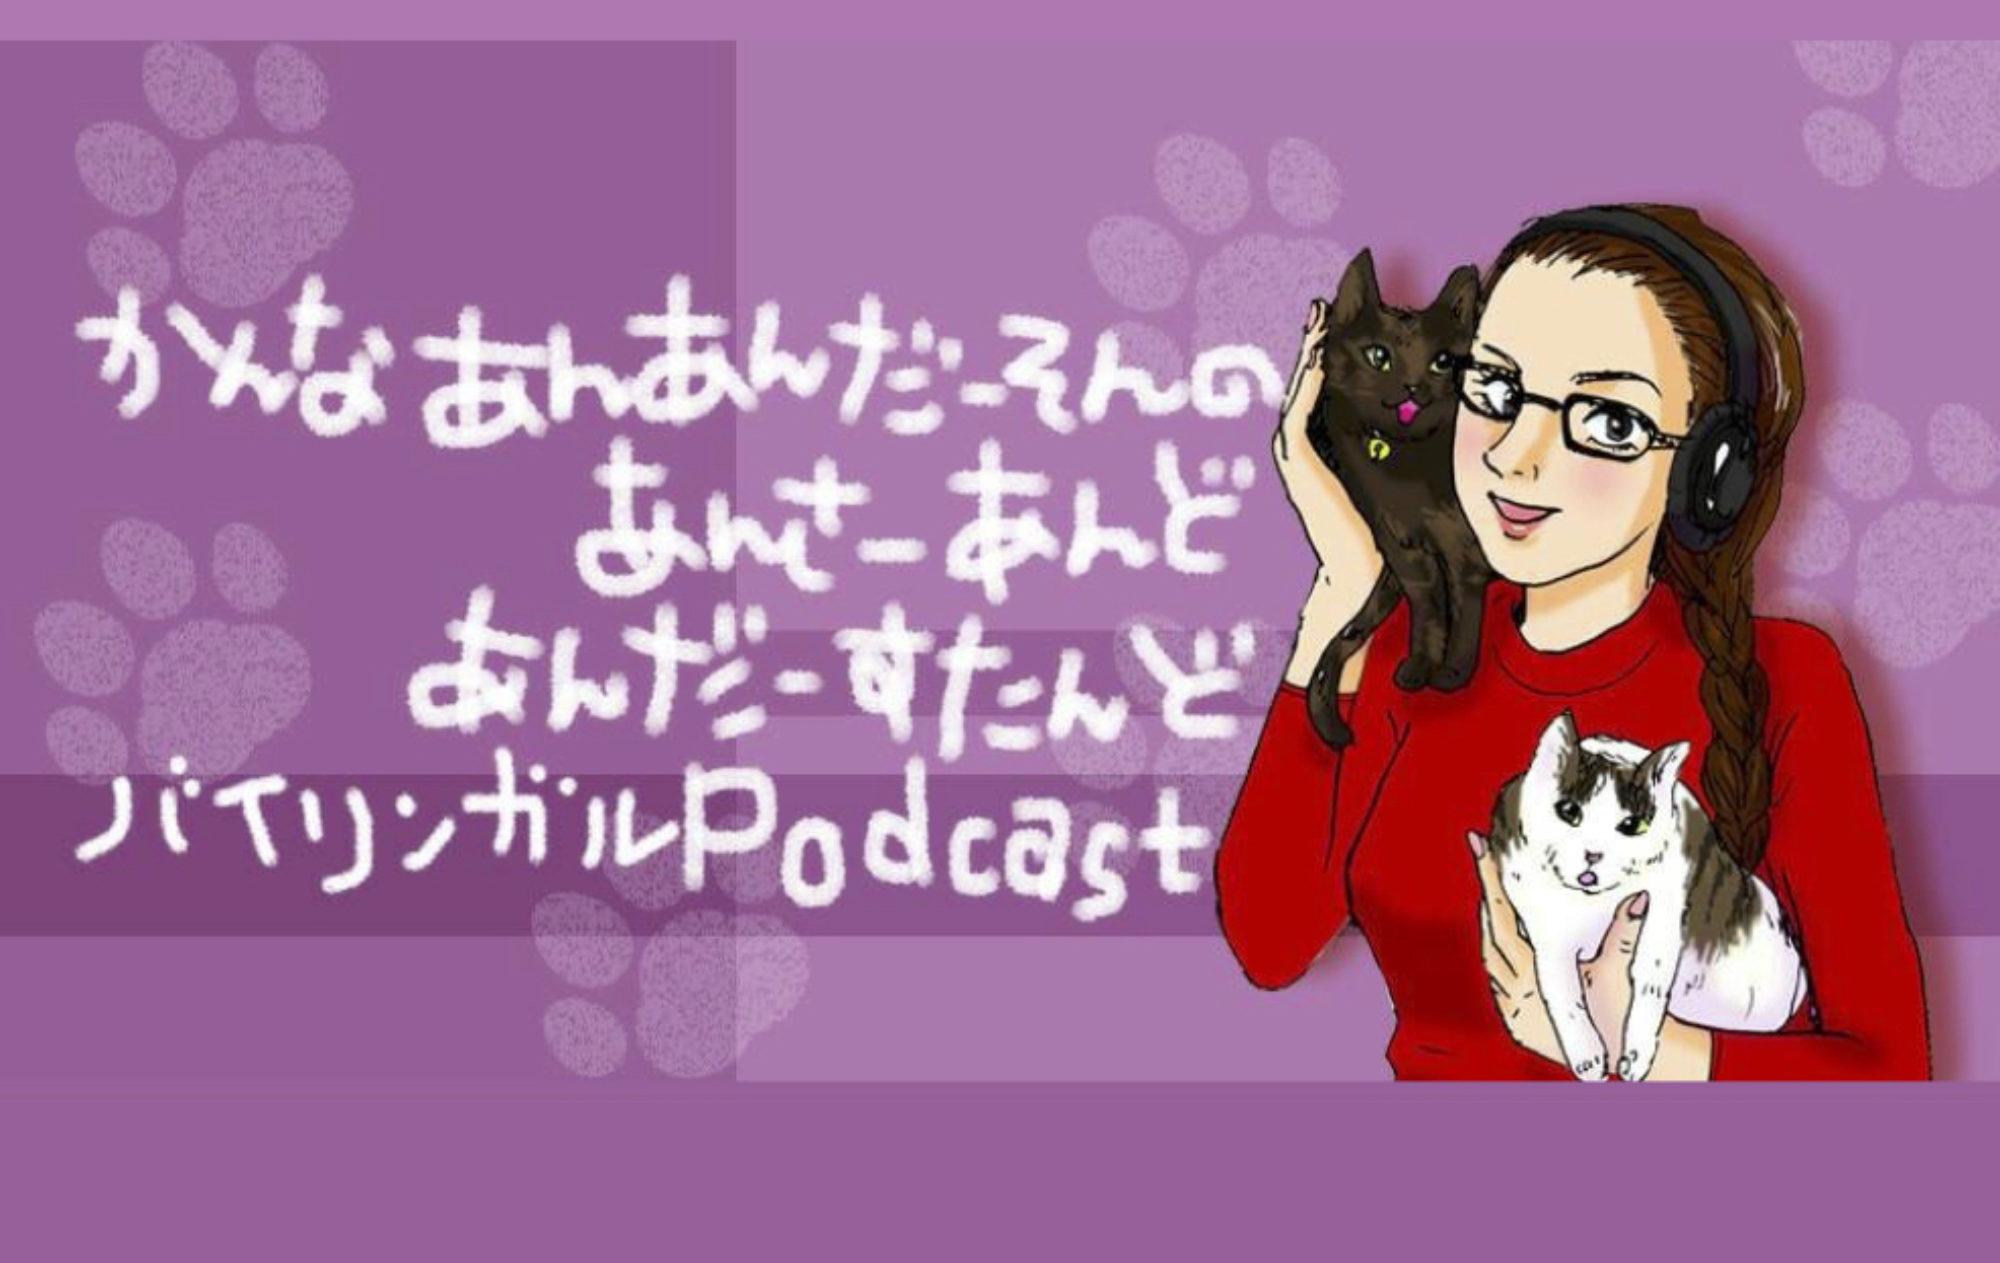 あんx5バイリンガル Podcast